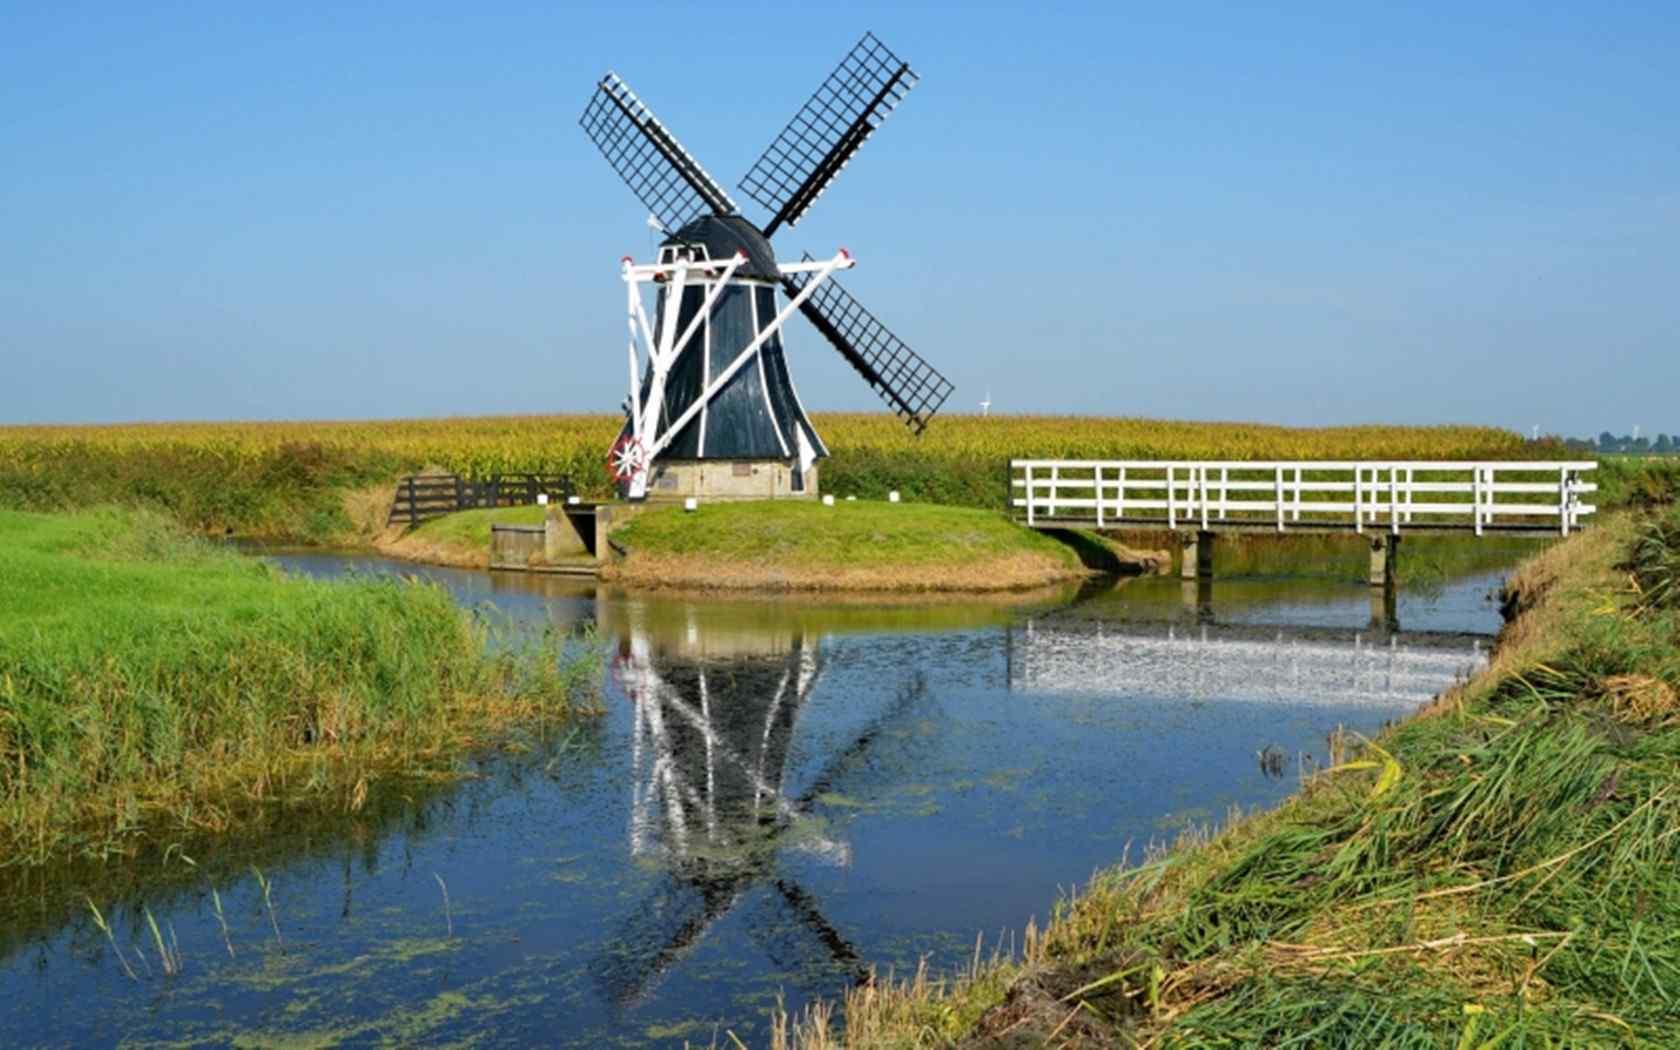 荷兰风车高清壁纸 风车图片 旋转的风车